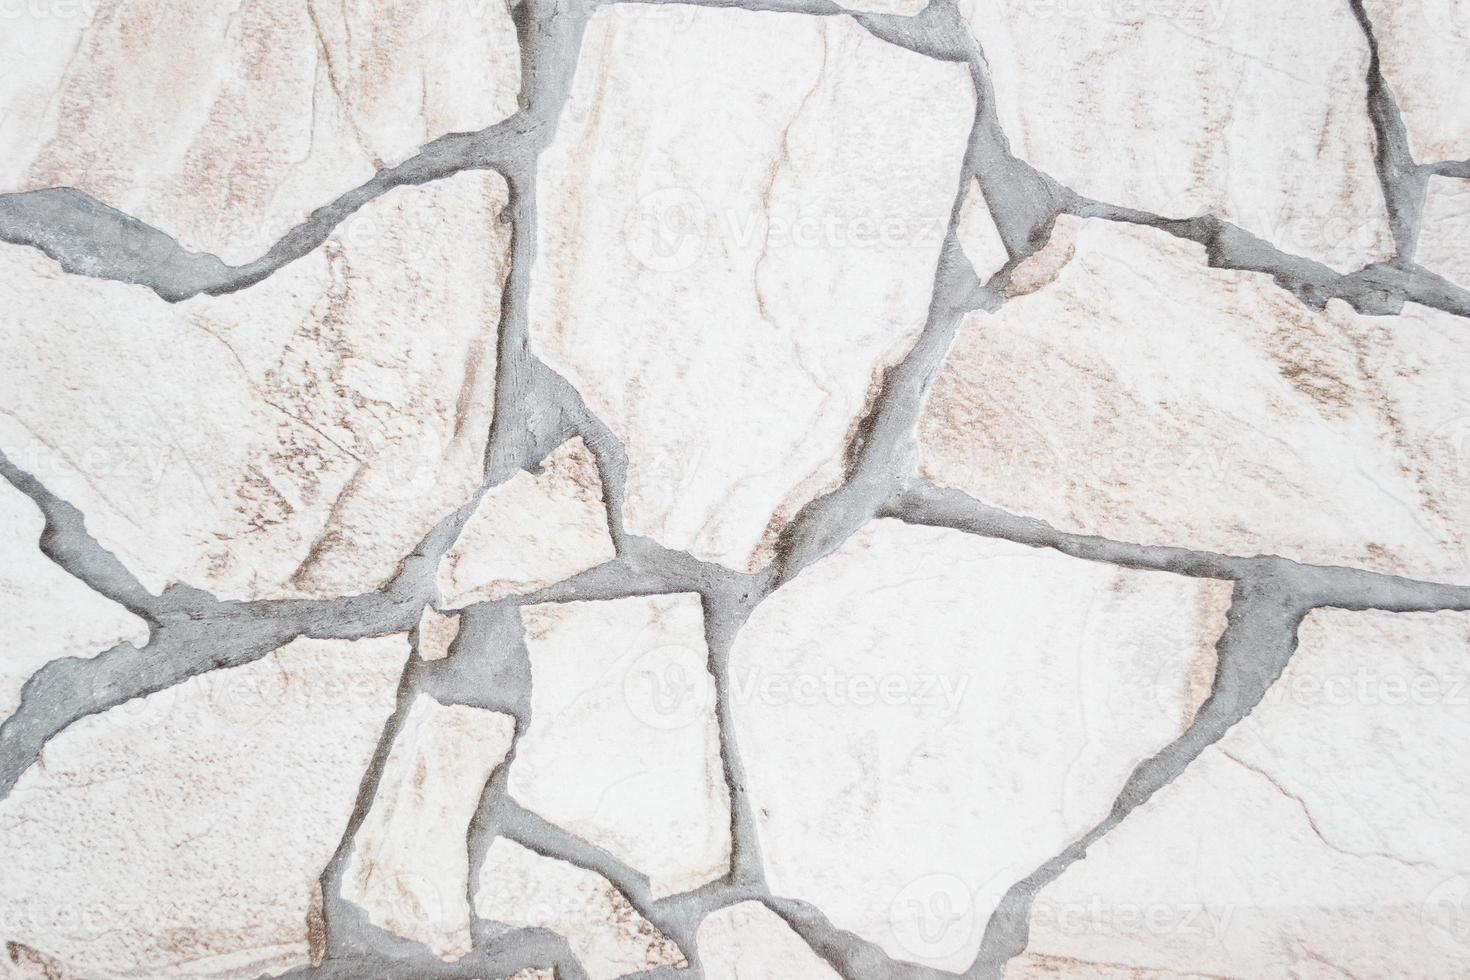 fond de pierres se bouchent photo